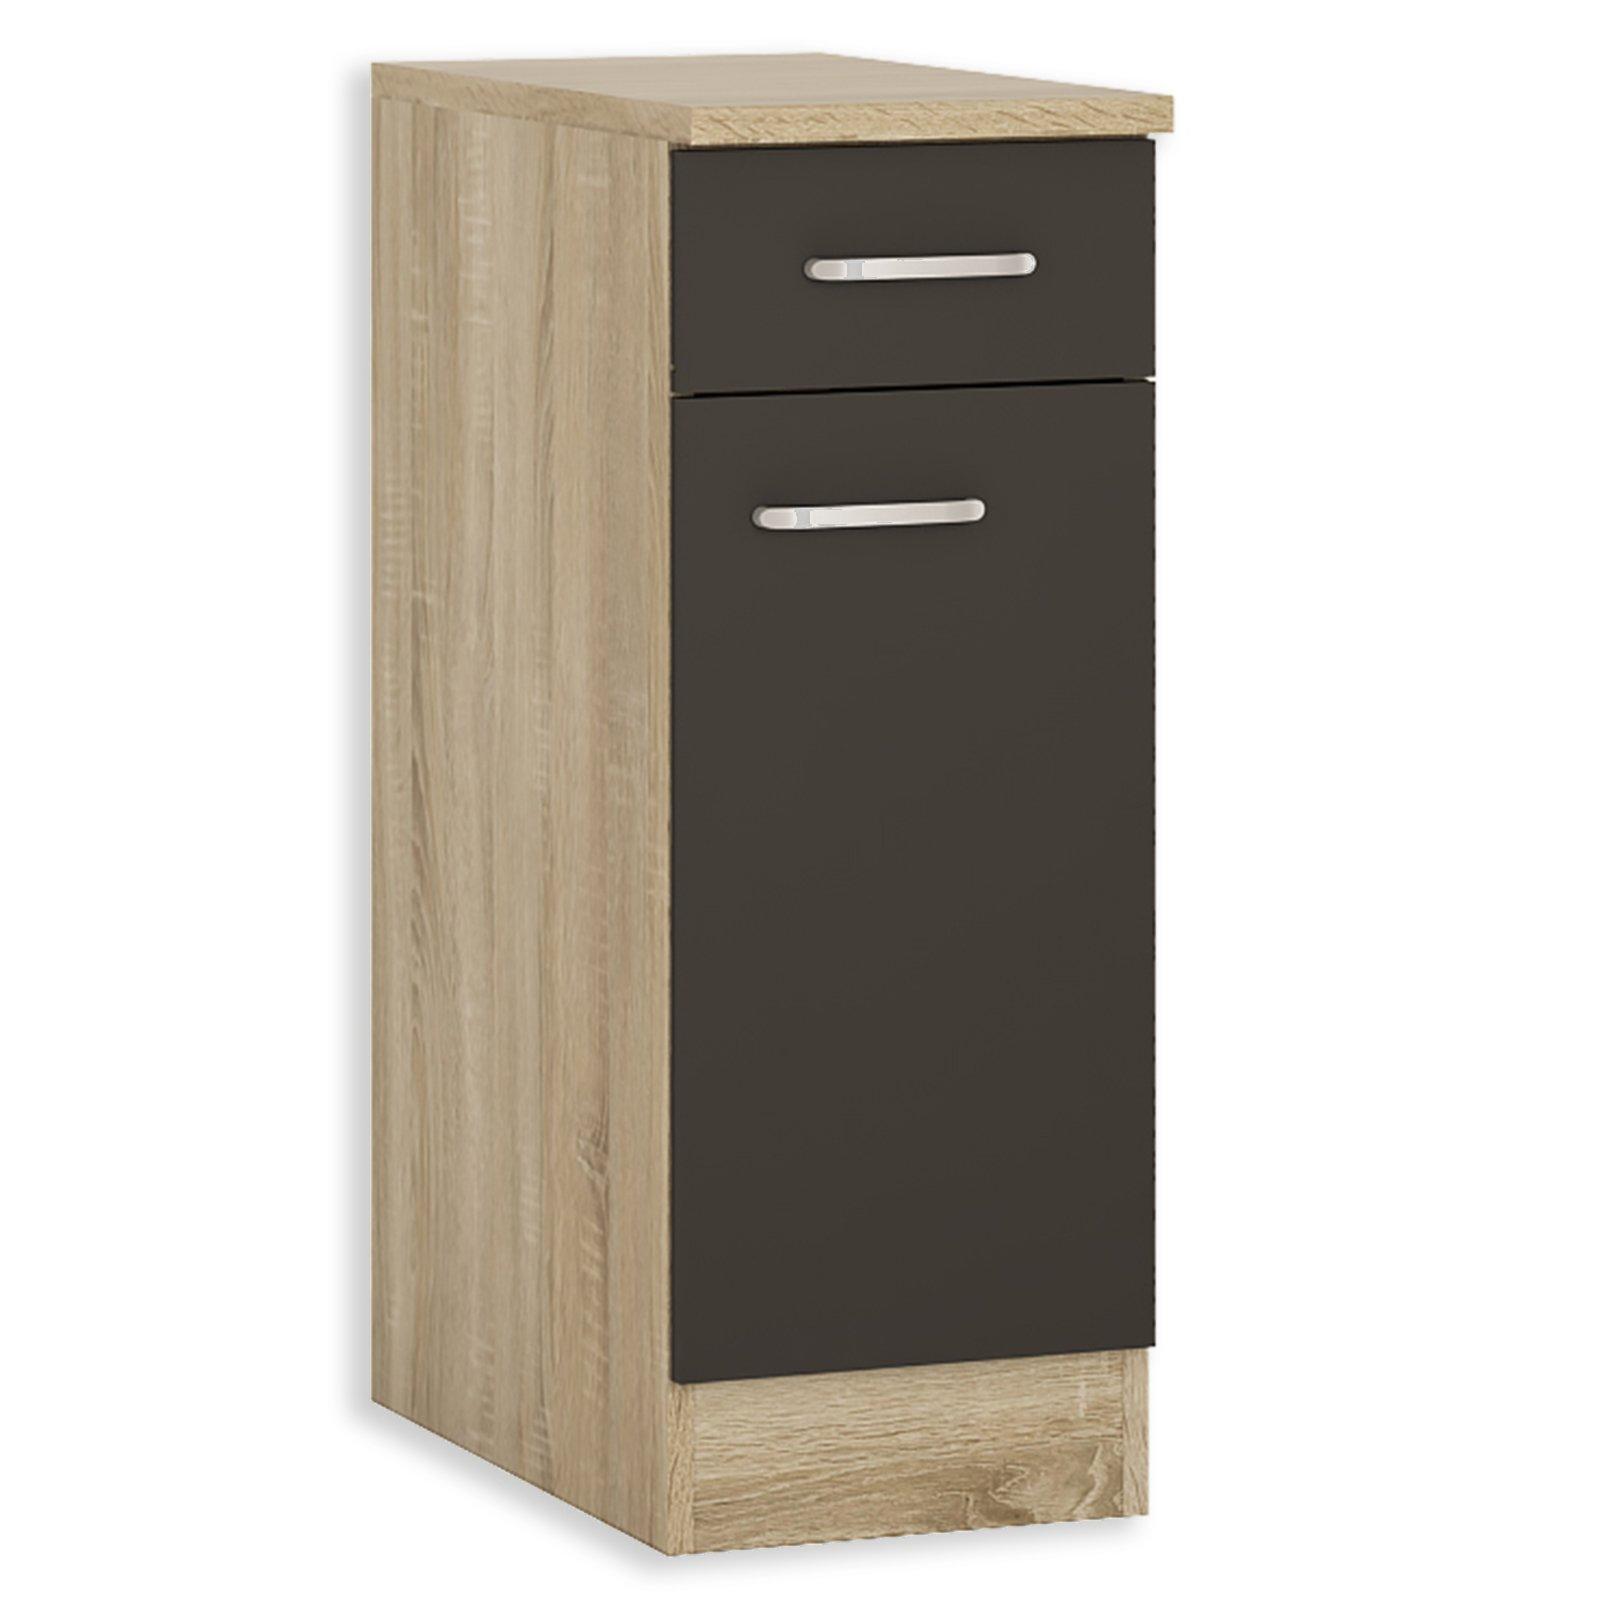 anrichte fox anthrazit sonoma eiche 30 cm breit unterschr nke einzelschr nke. Black Bedroom Furniture Sets. Home Design Ideas